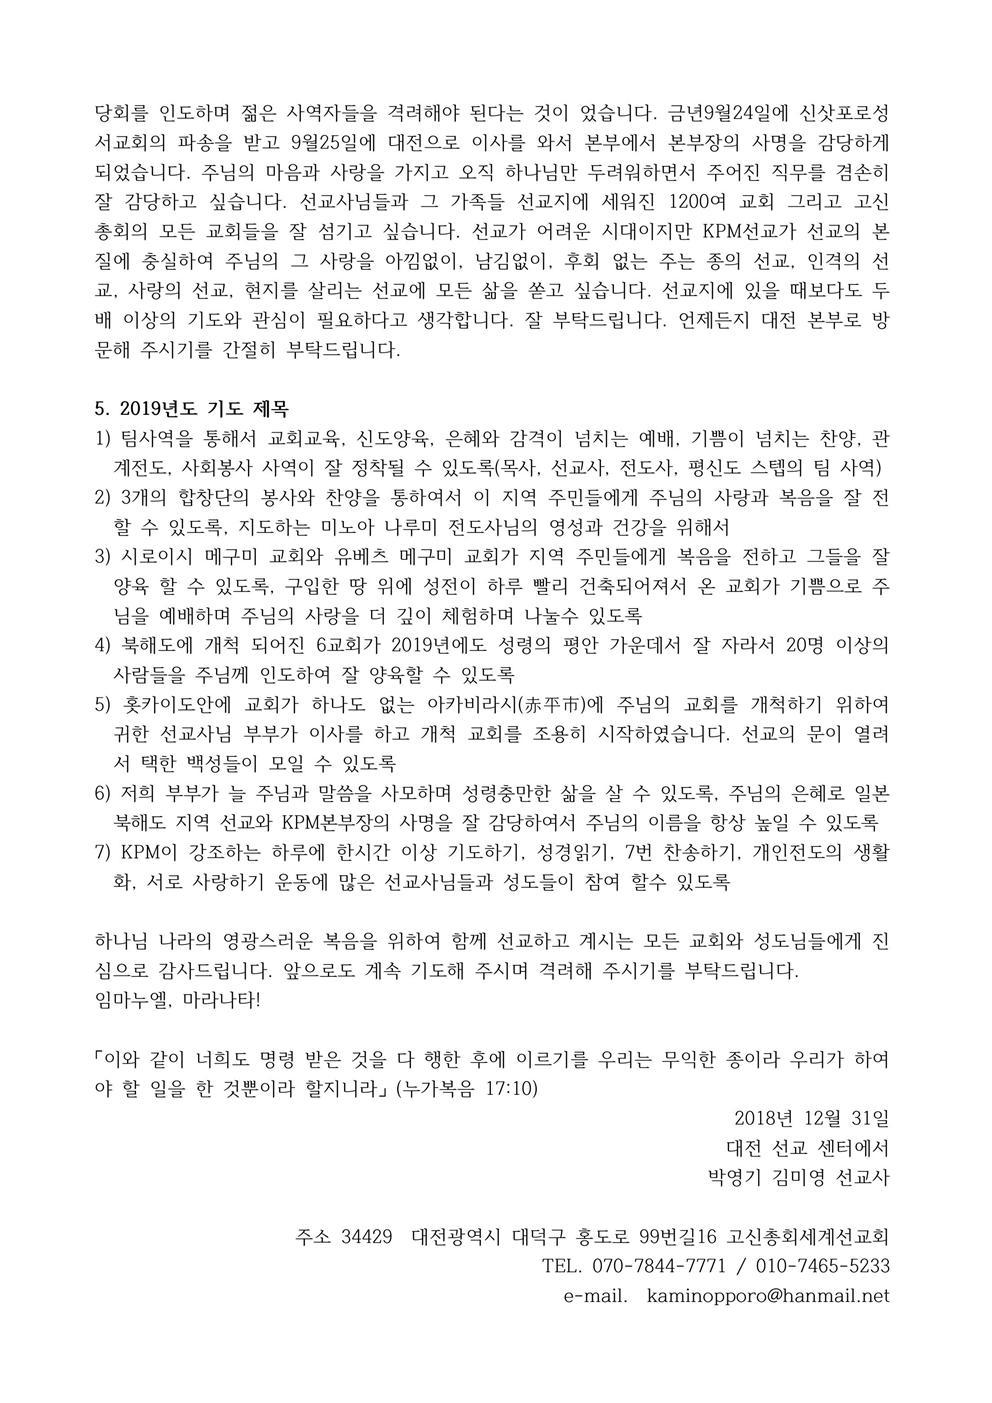 181231+박영기M_18년도+북해도+선교보고 (2)1003.jpg